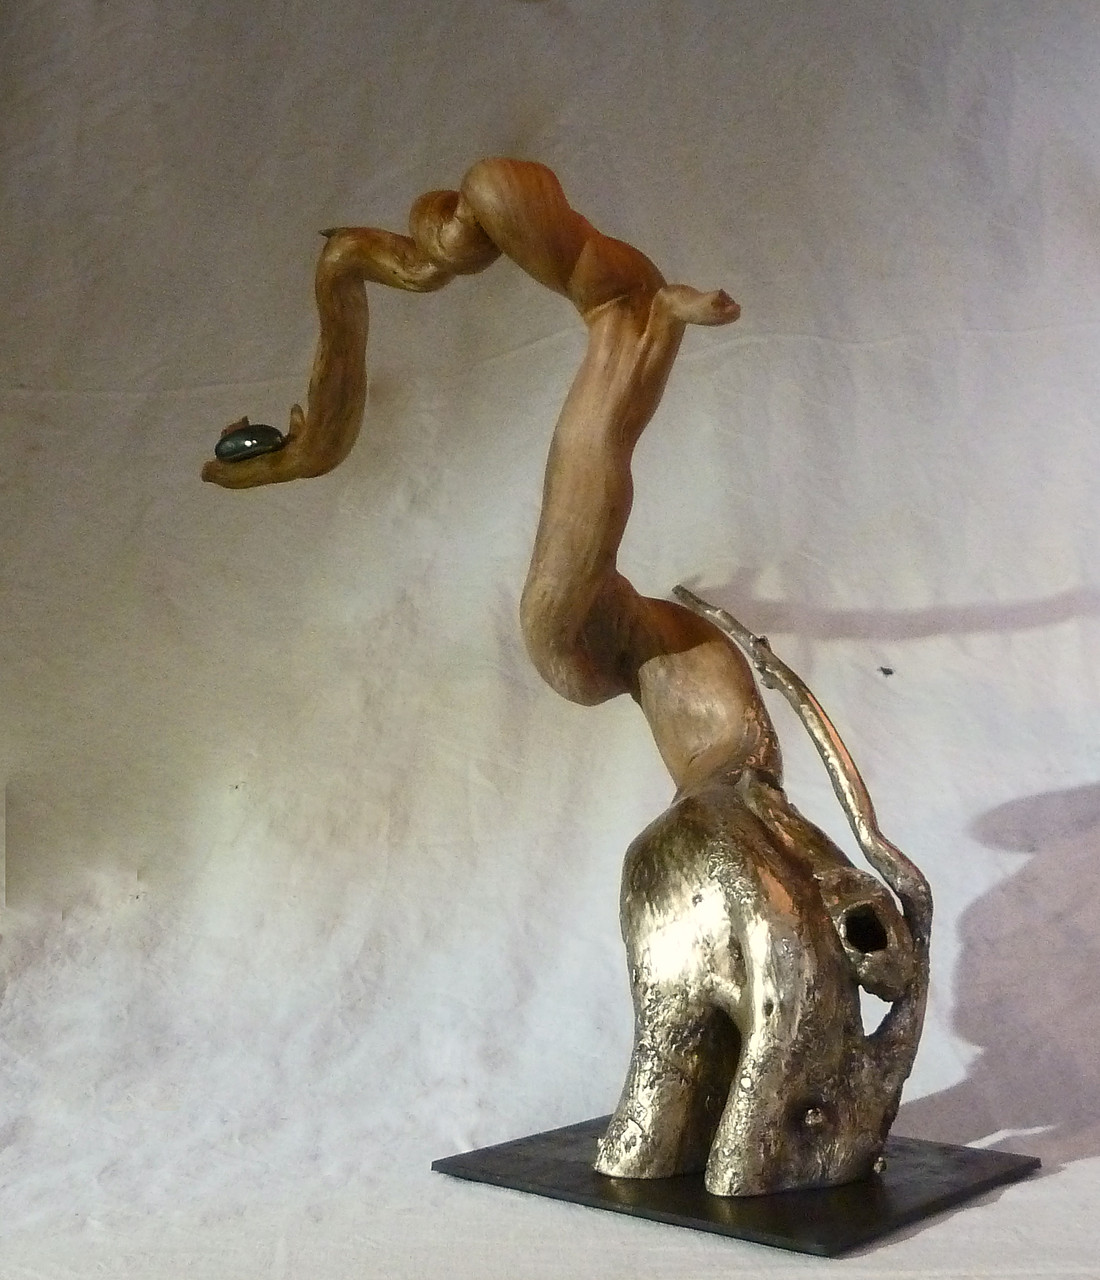 OFFRANDE   Haut 47 cm    (collection particulière)